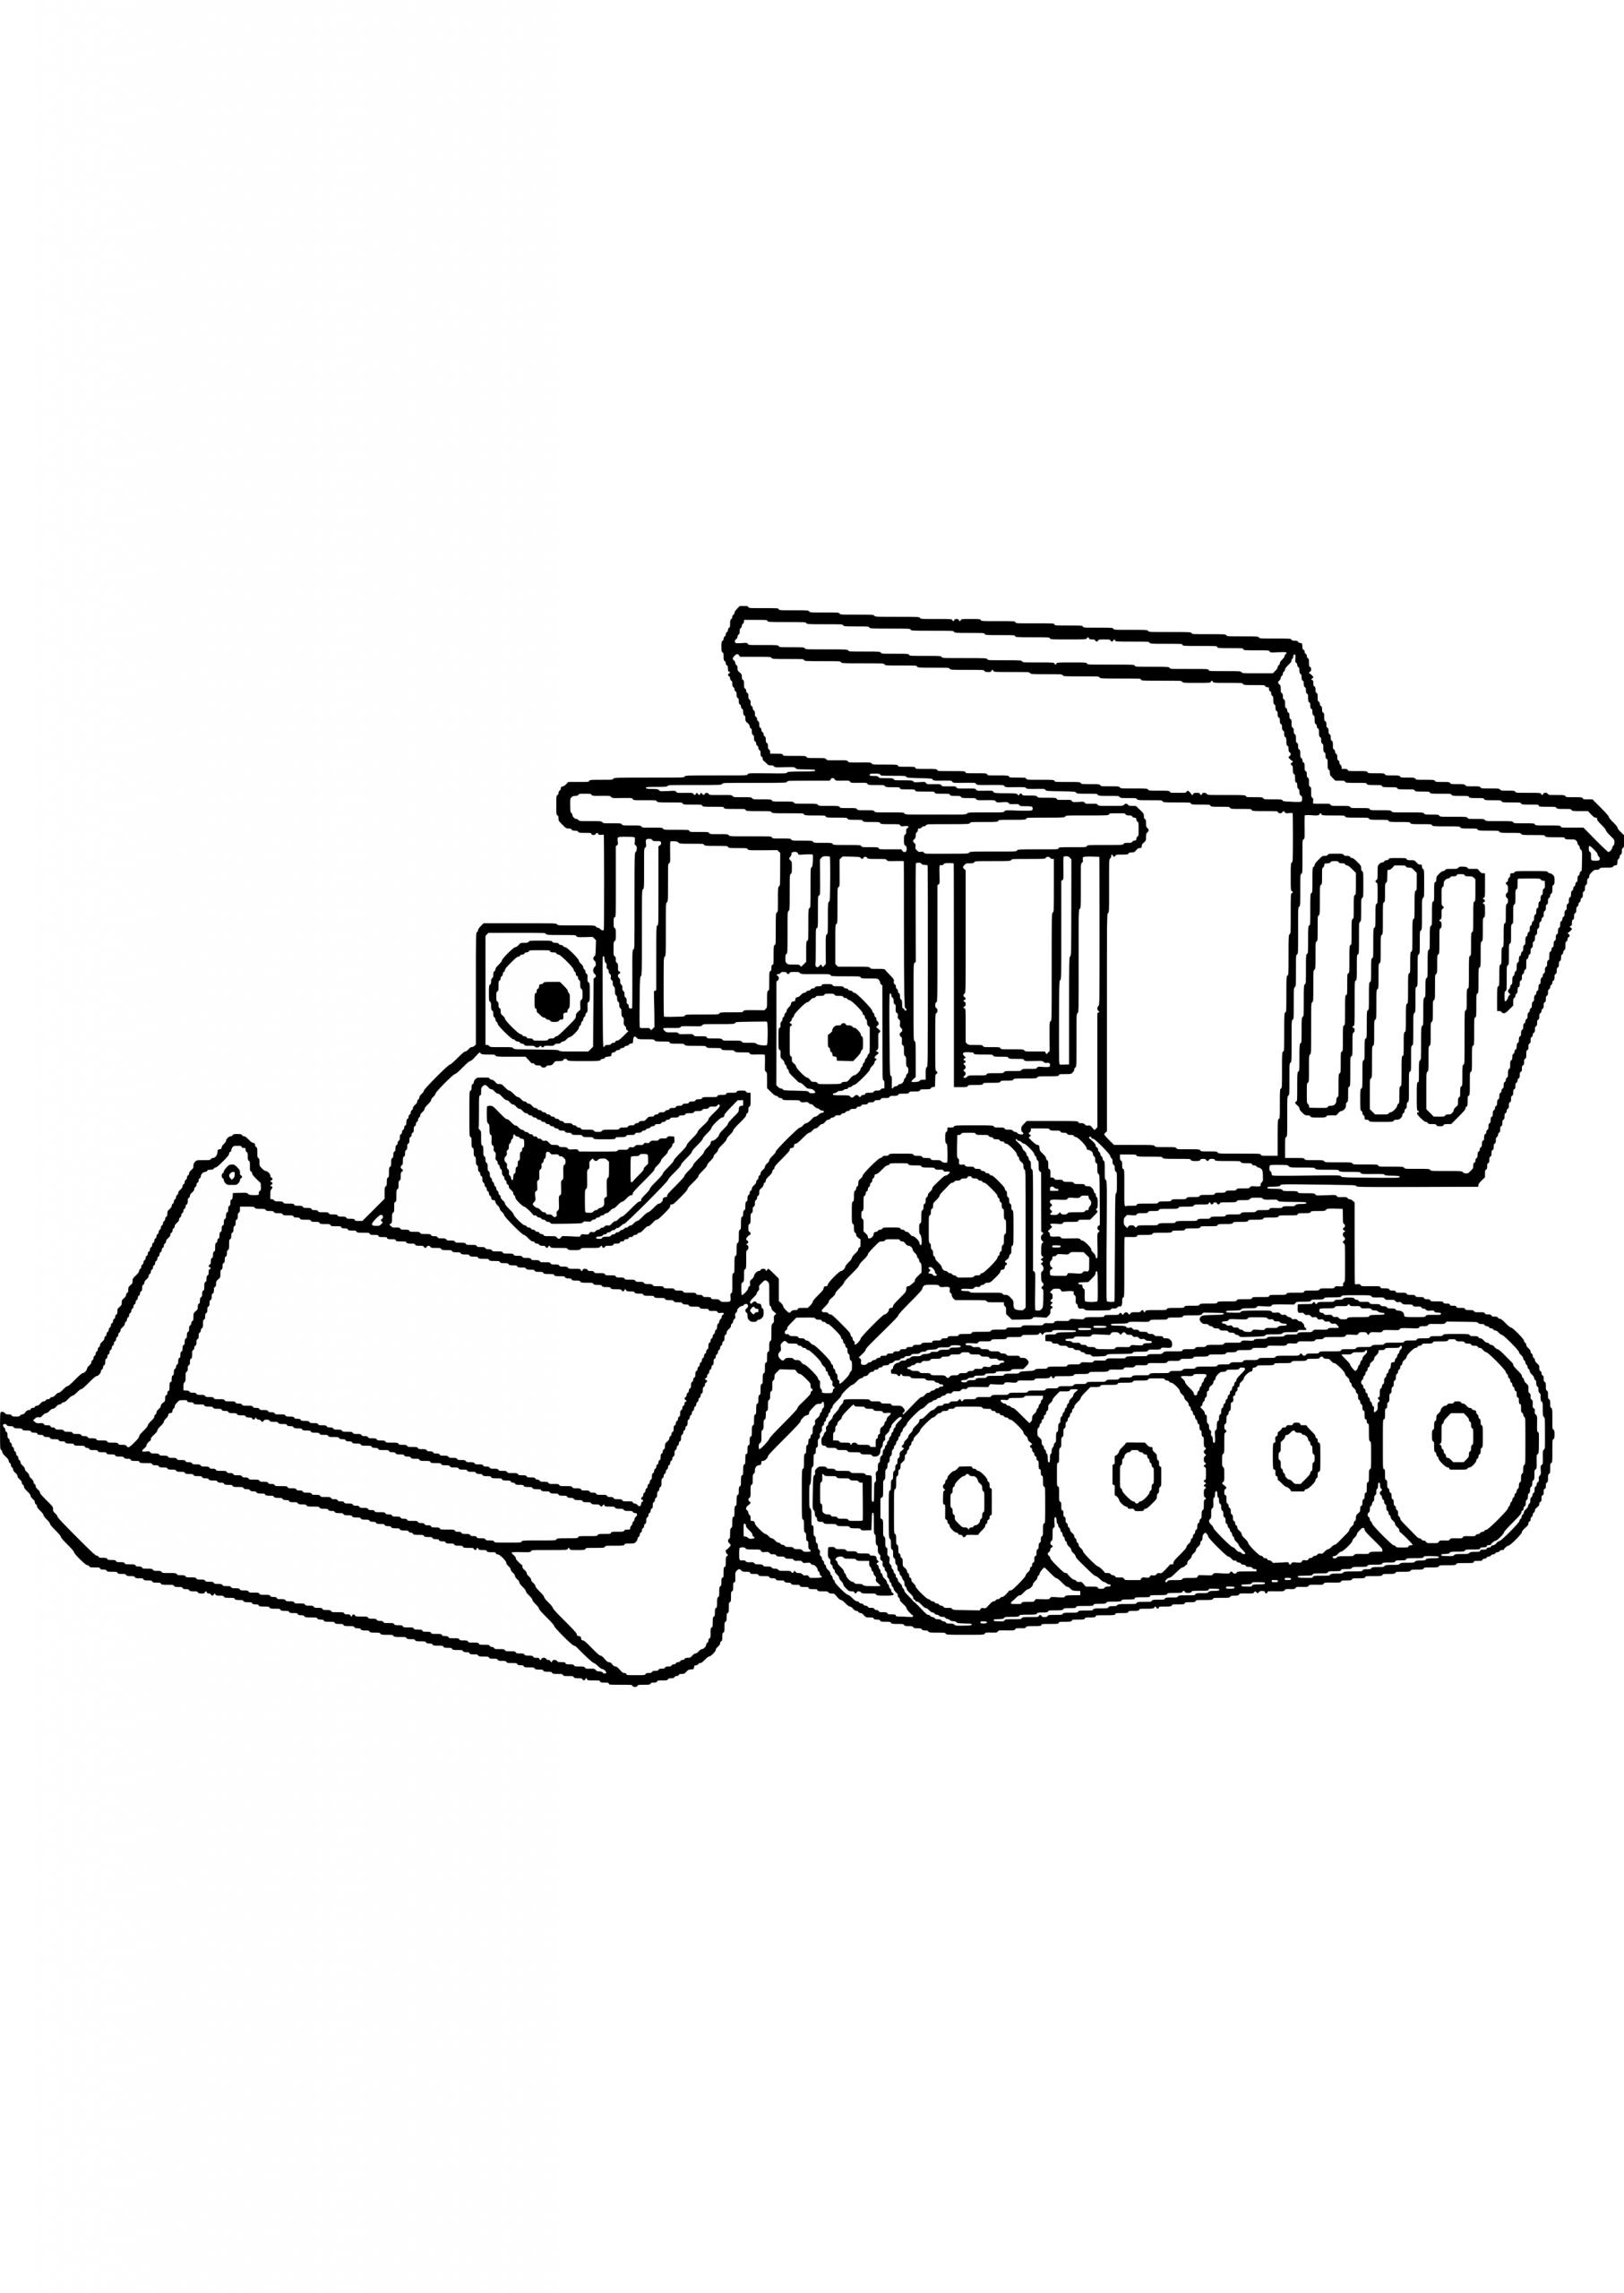 Coloriage Camion Remorque avec Coloriage Tracteur Tom À Imprimer